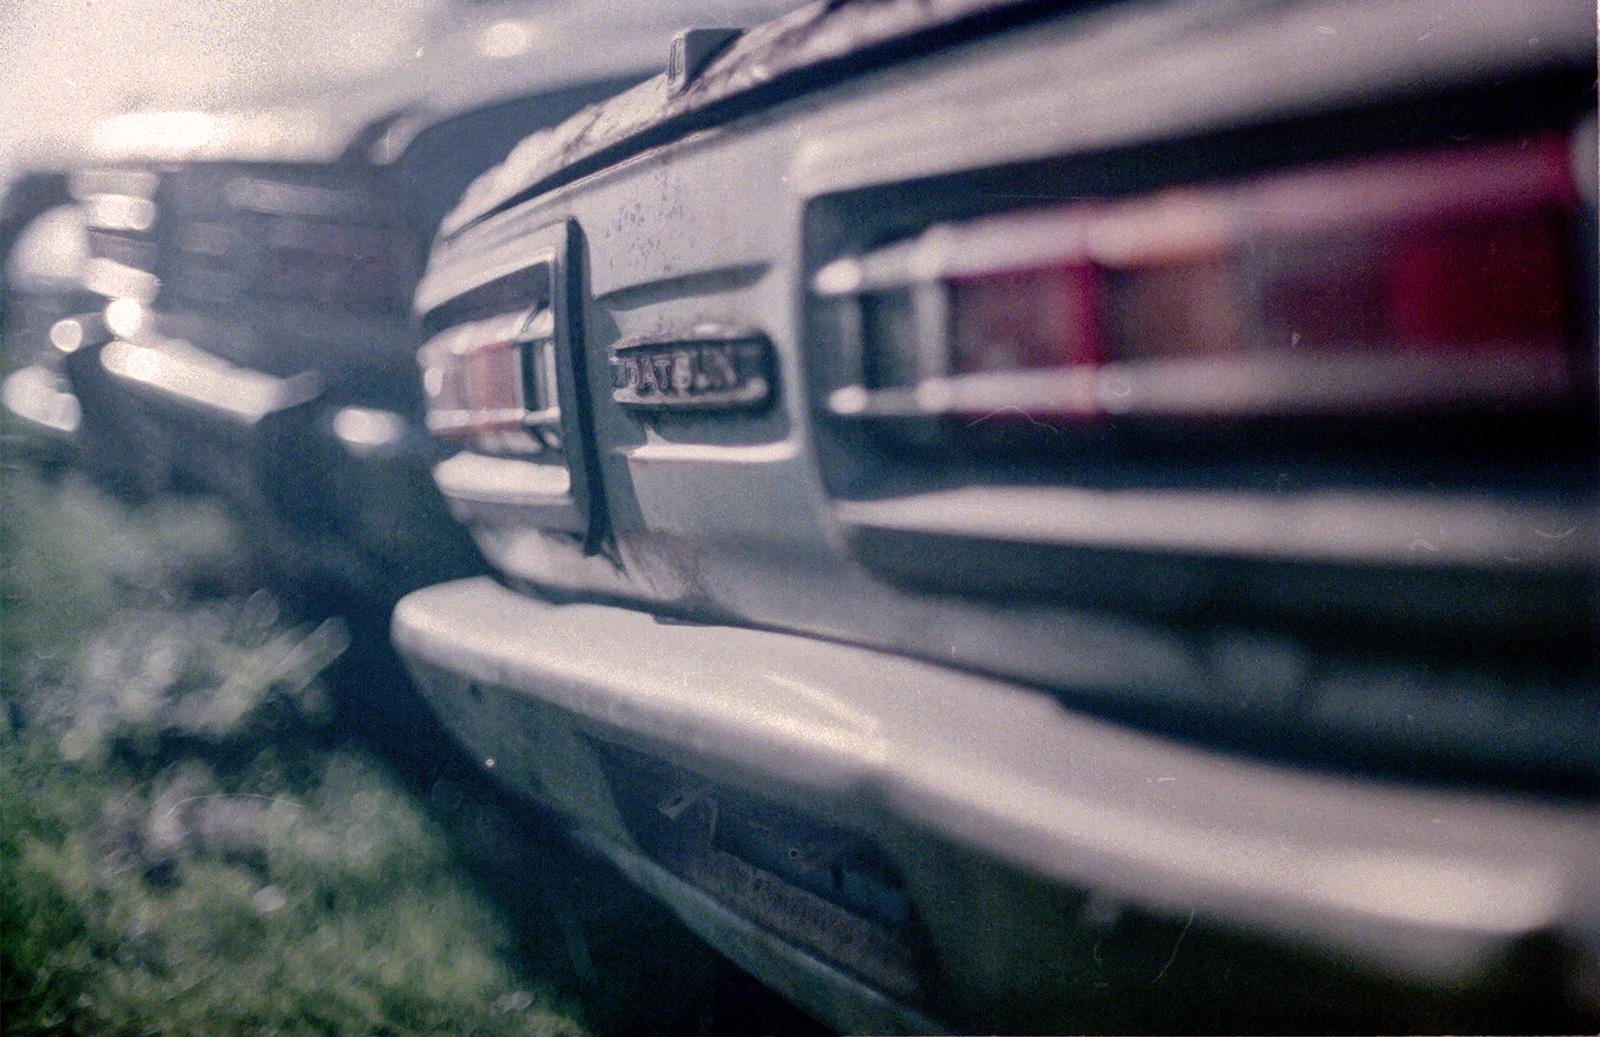 Datsun1